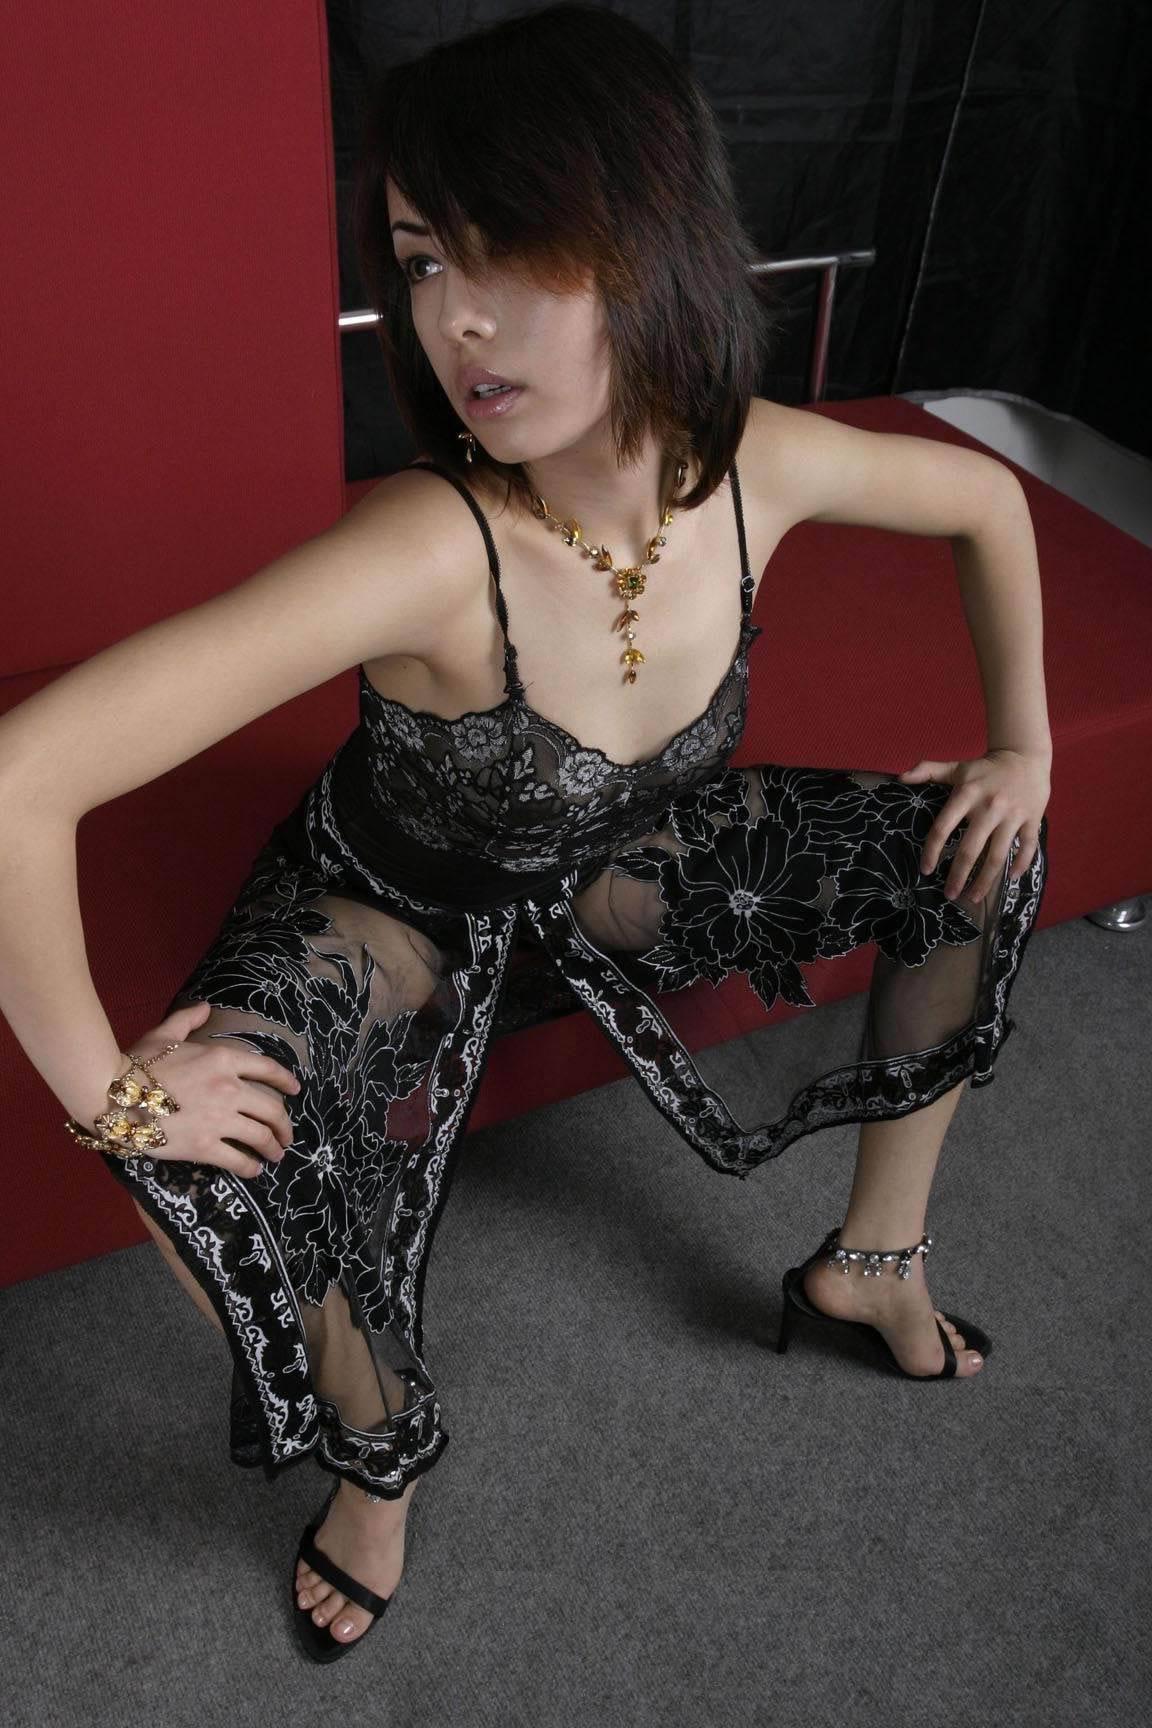 穿黑纱的美女